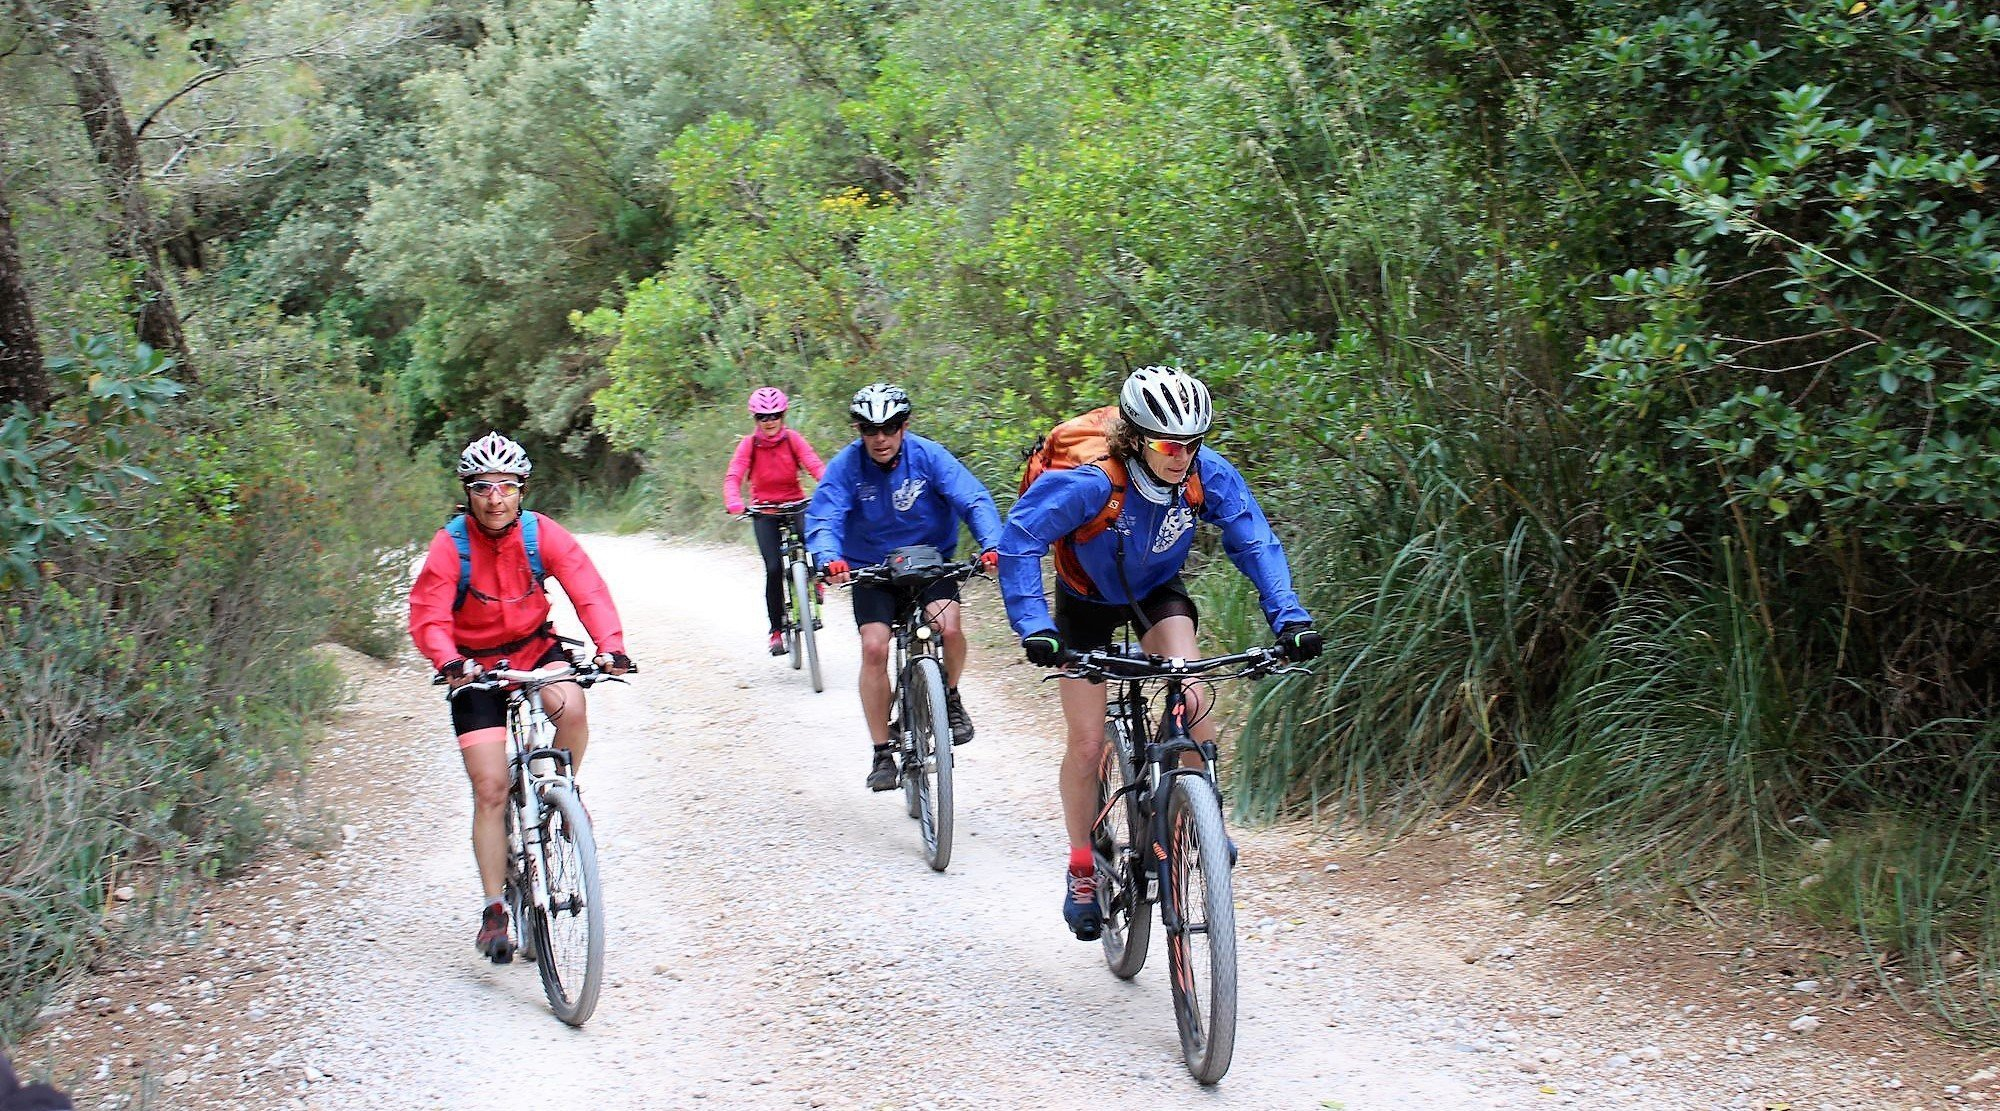 Serra de Tramuntana en bicicleta. Banyalbufar. BICIS EN RUTA. 1170x650